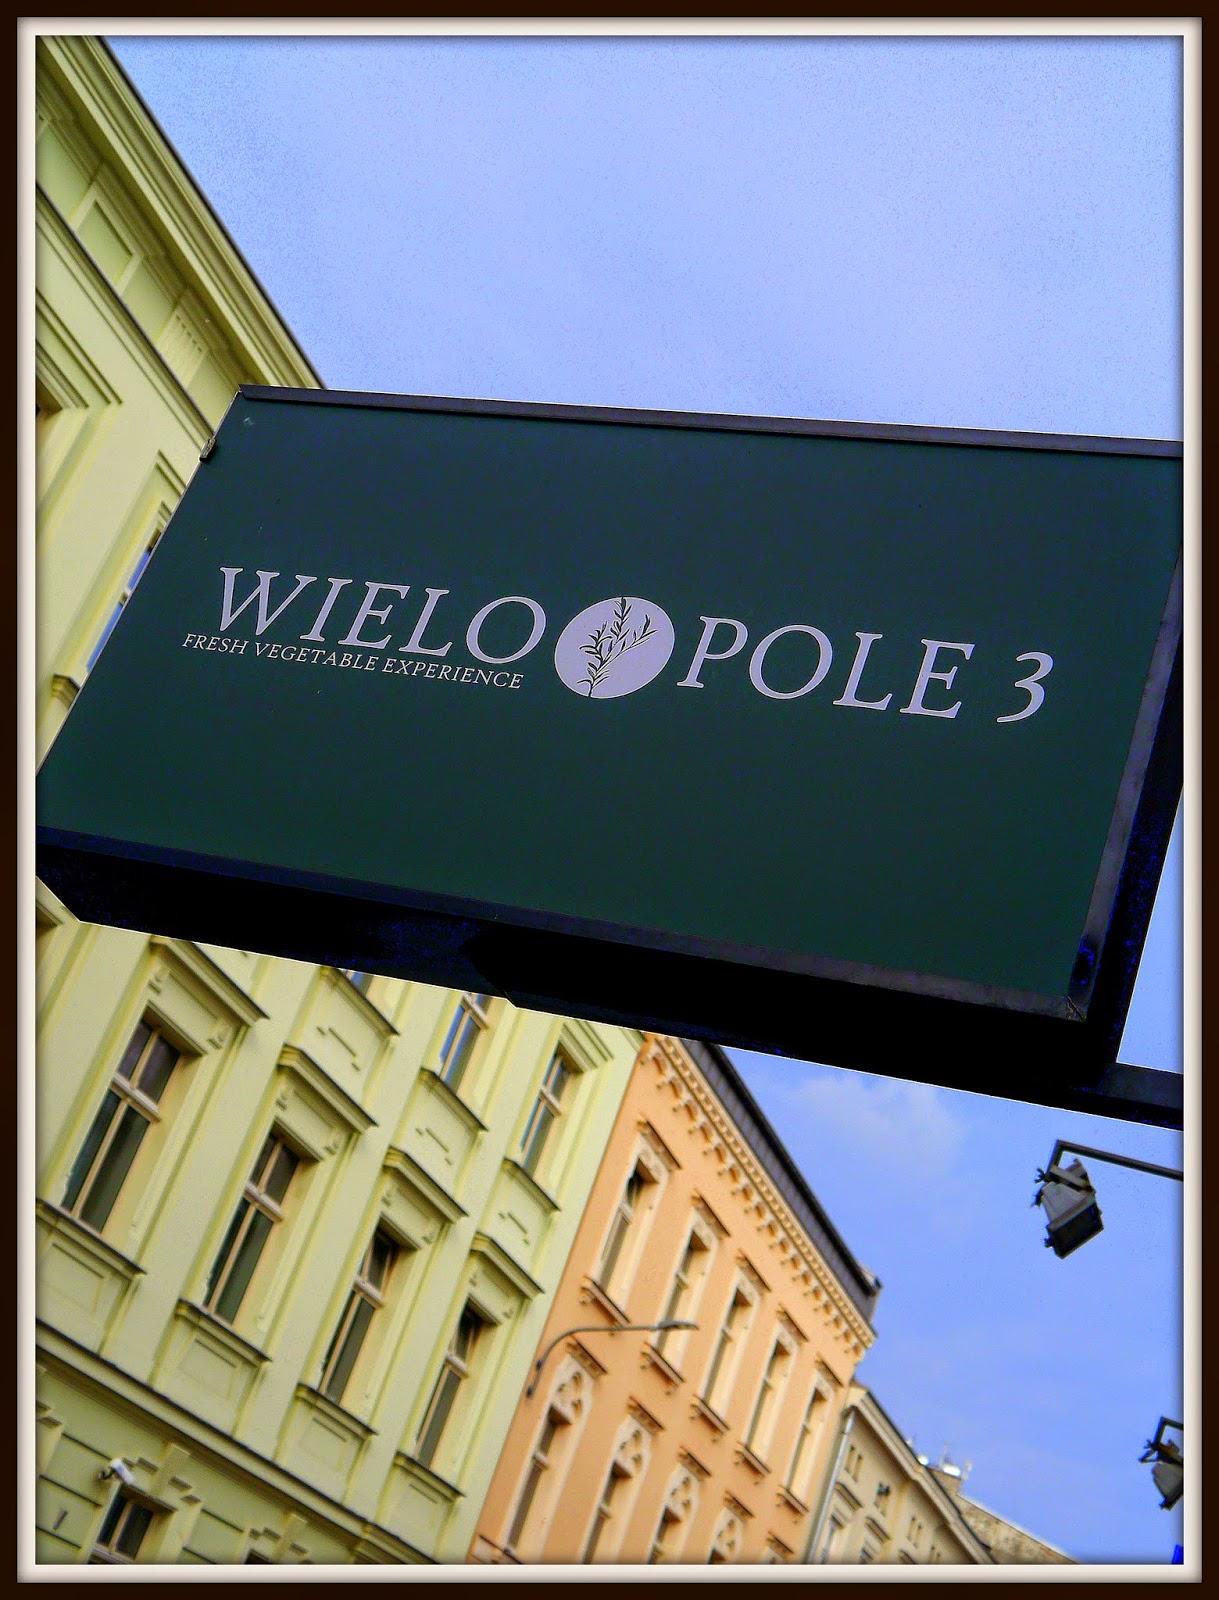 Wielopole 2, Restauracja Wegetariańska